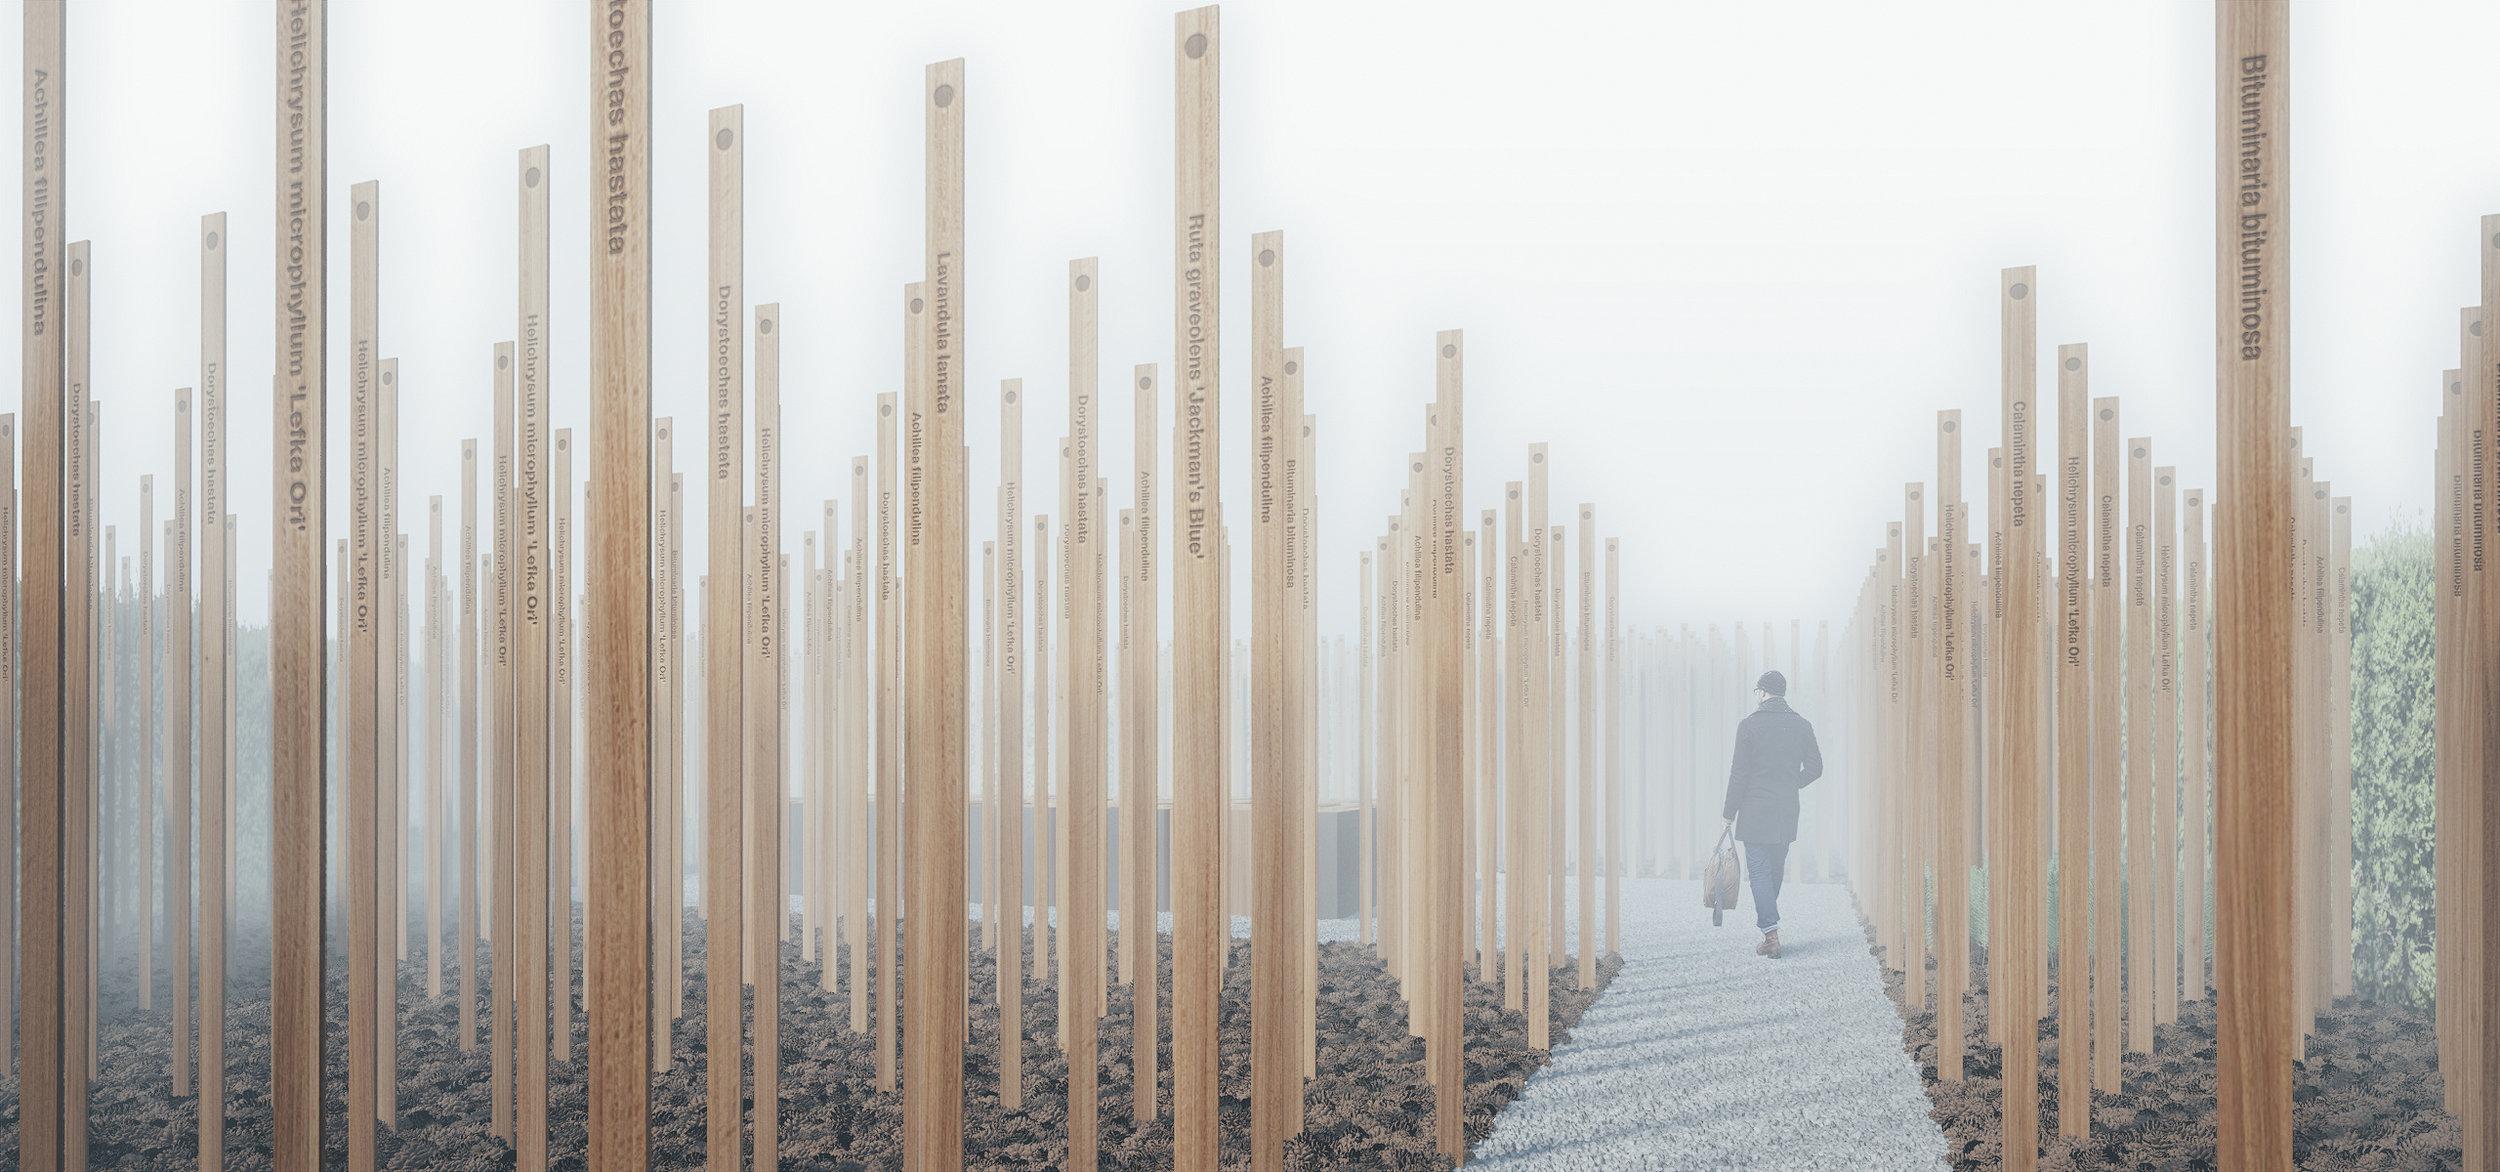 Landscape Collective - Chaumont 2015 .Chaumont-sur-Loire, France